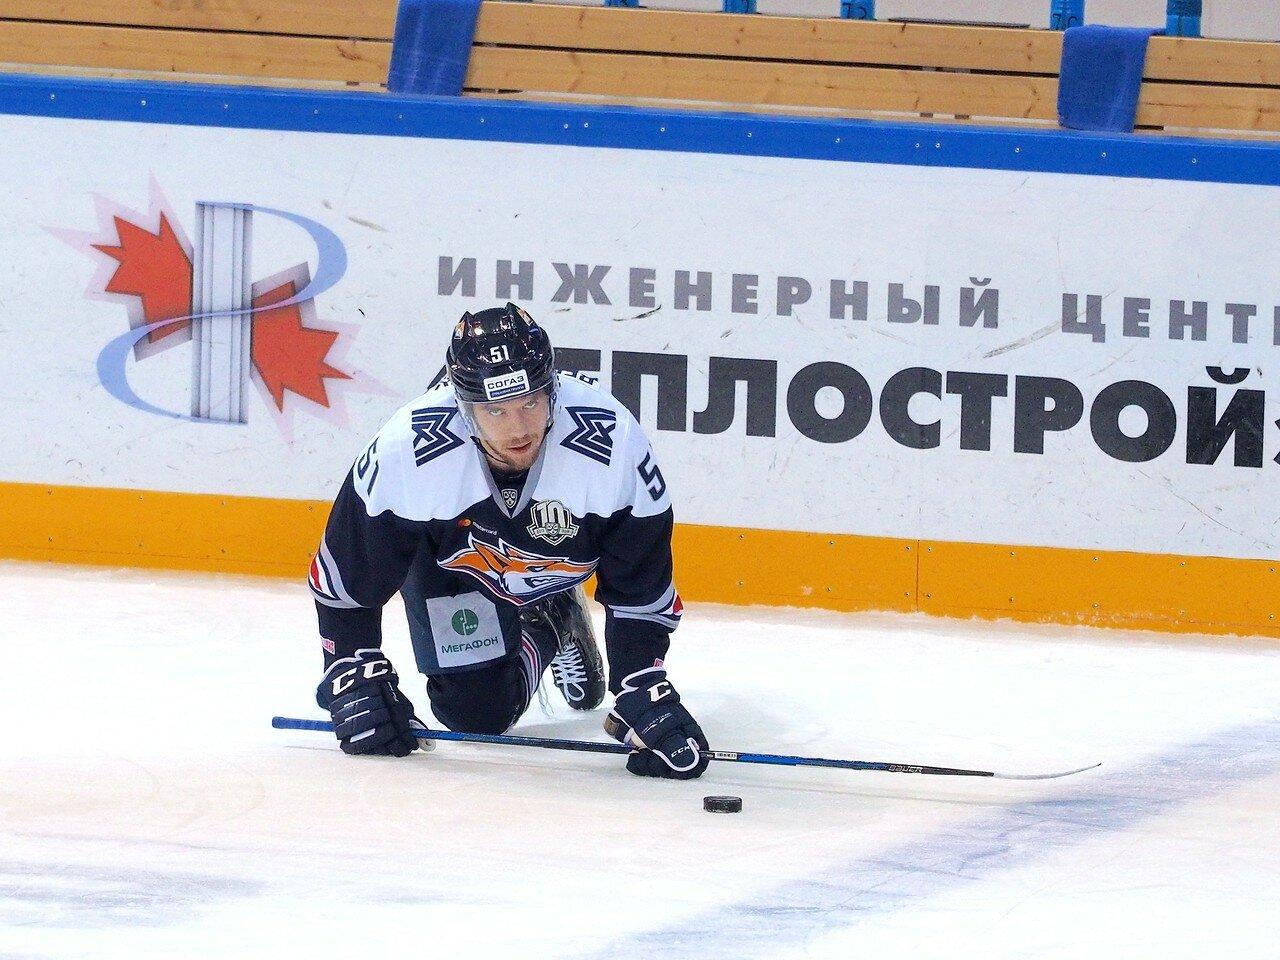 41 Металлург - Спартак 30.11.2017